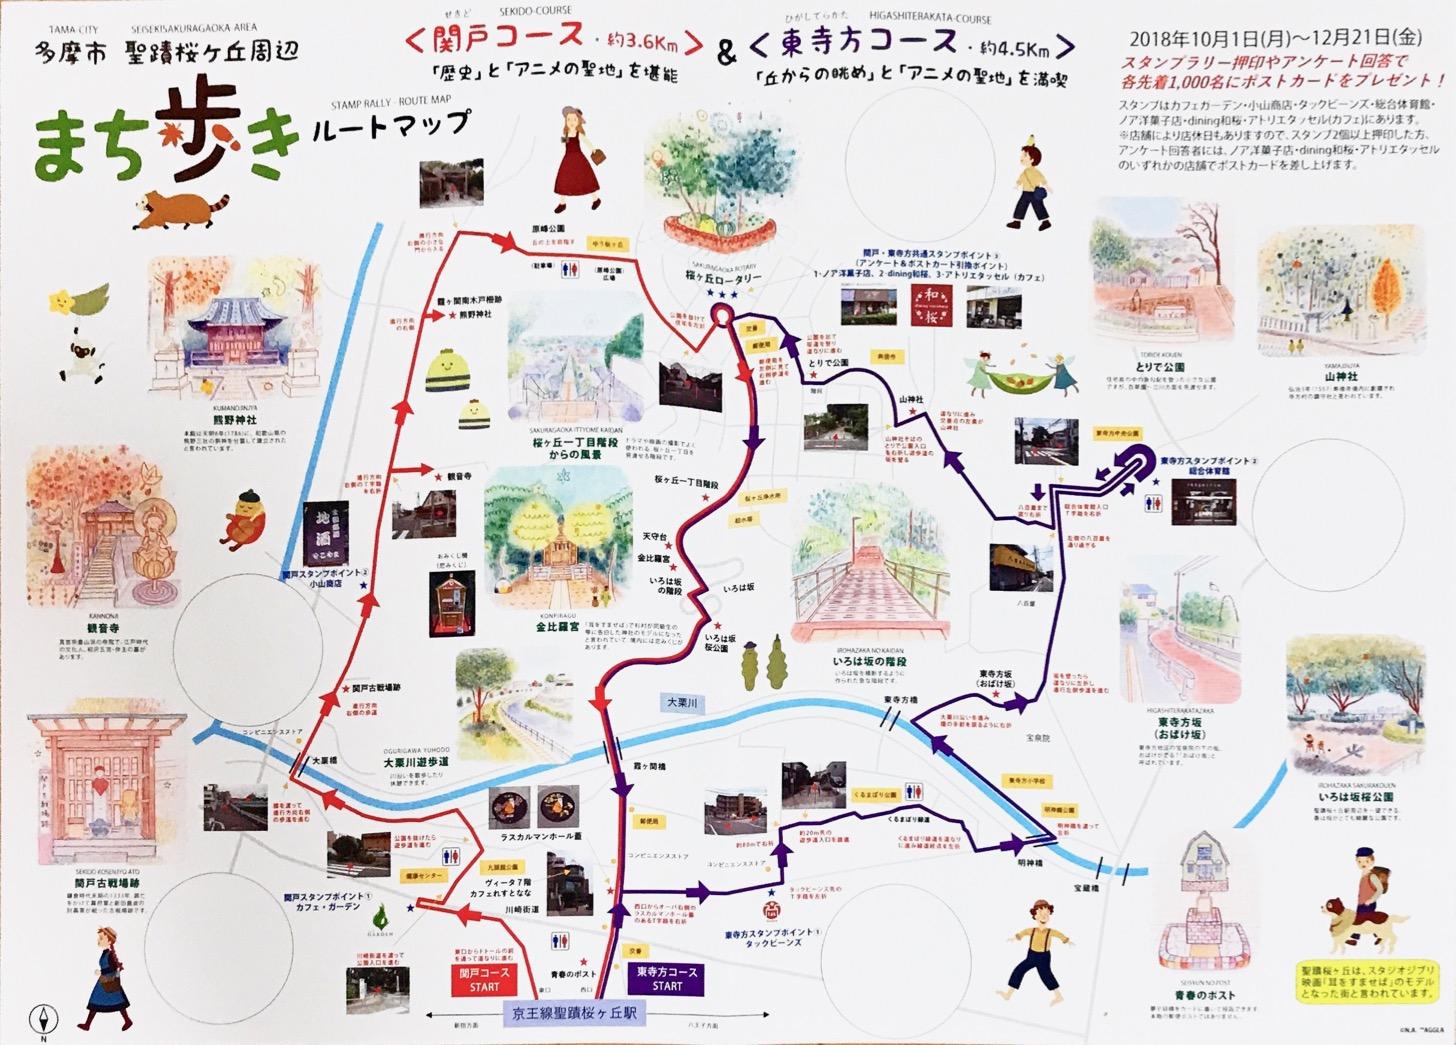 聖蹟桜ヶ丘周辺まち歩きスタンプラリールートマップ (C)N.A. ™AGGLA